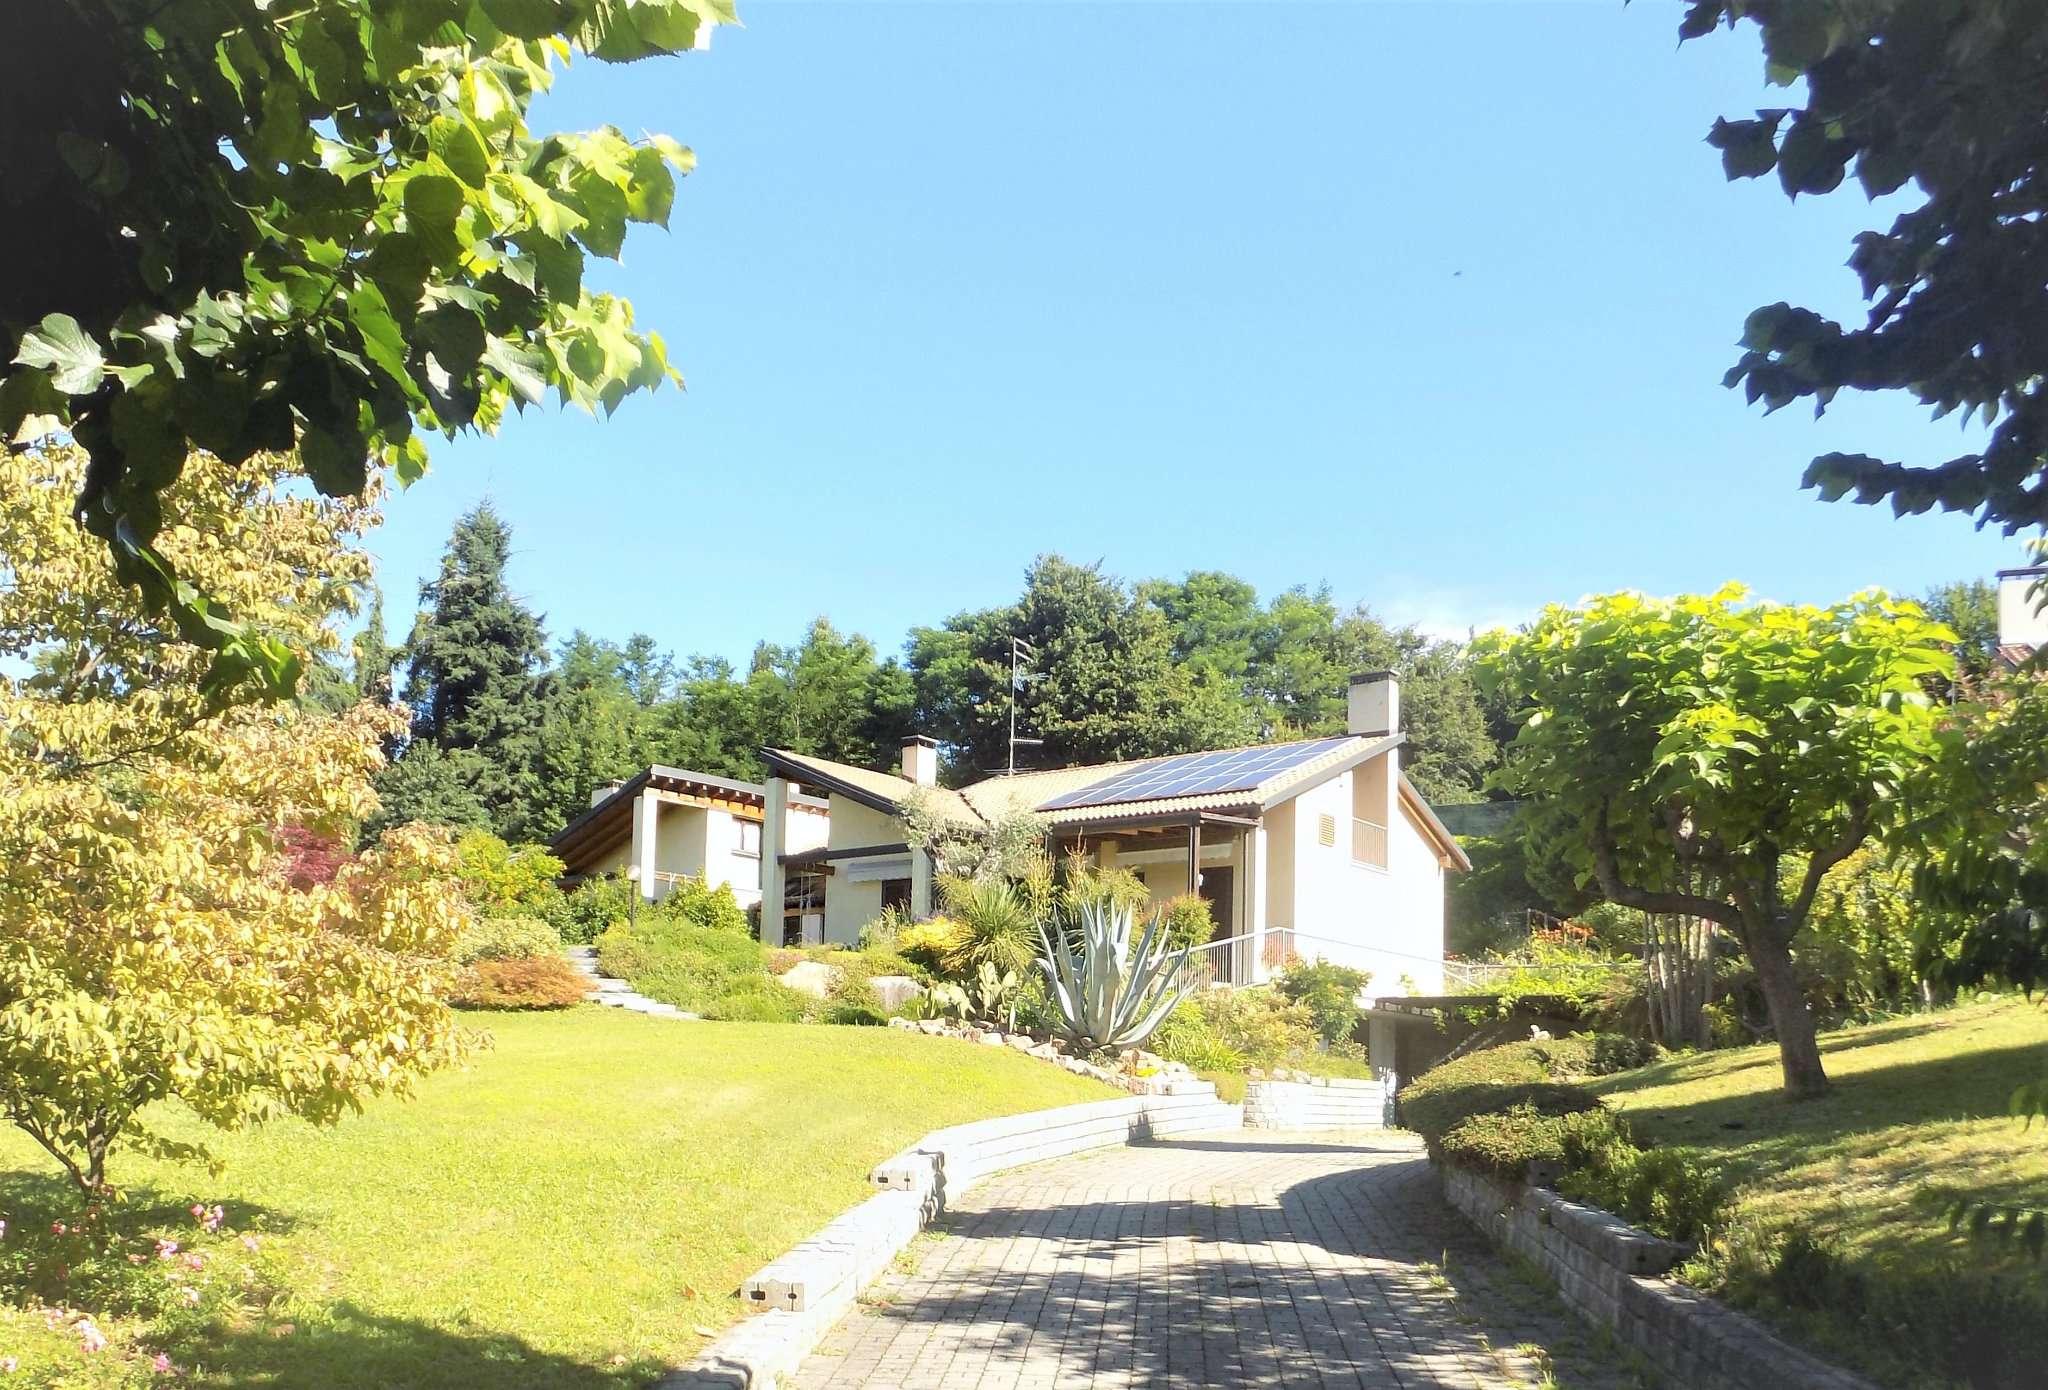 Villa in vendita a Crosio della Valle, 7 locali, prezzo € 580.000 | Cambio Casa.it